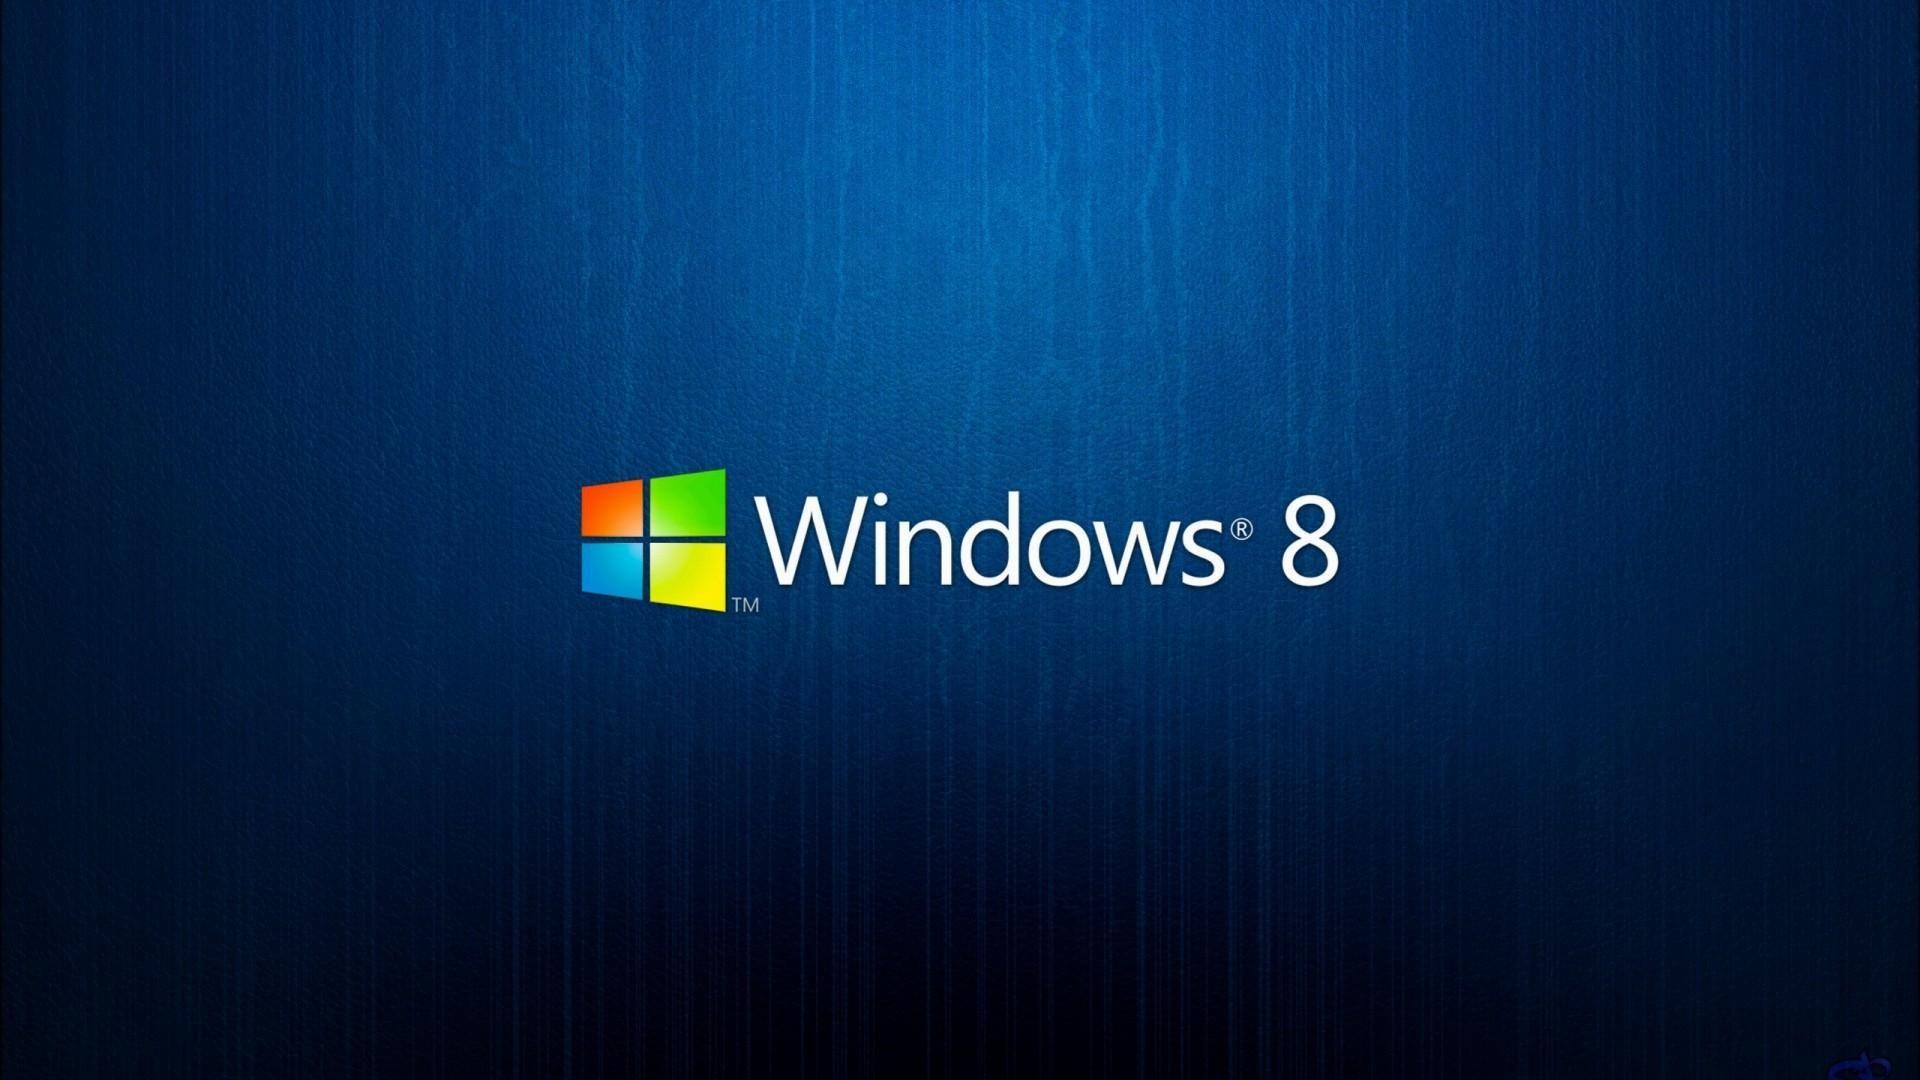 windows hd desktop wallpaper : widescreen : fullscreen : mobile 954